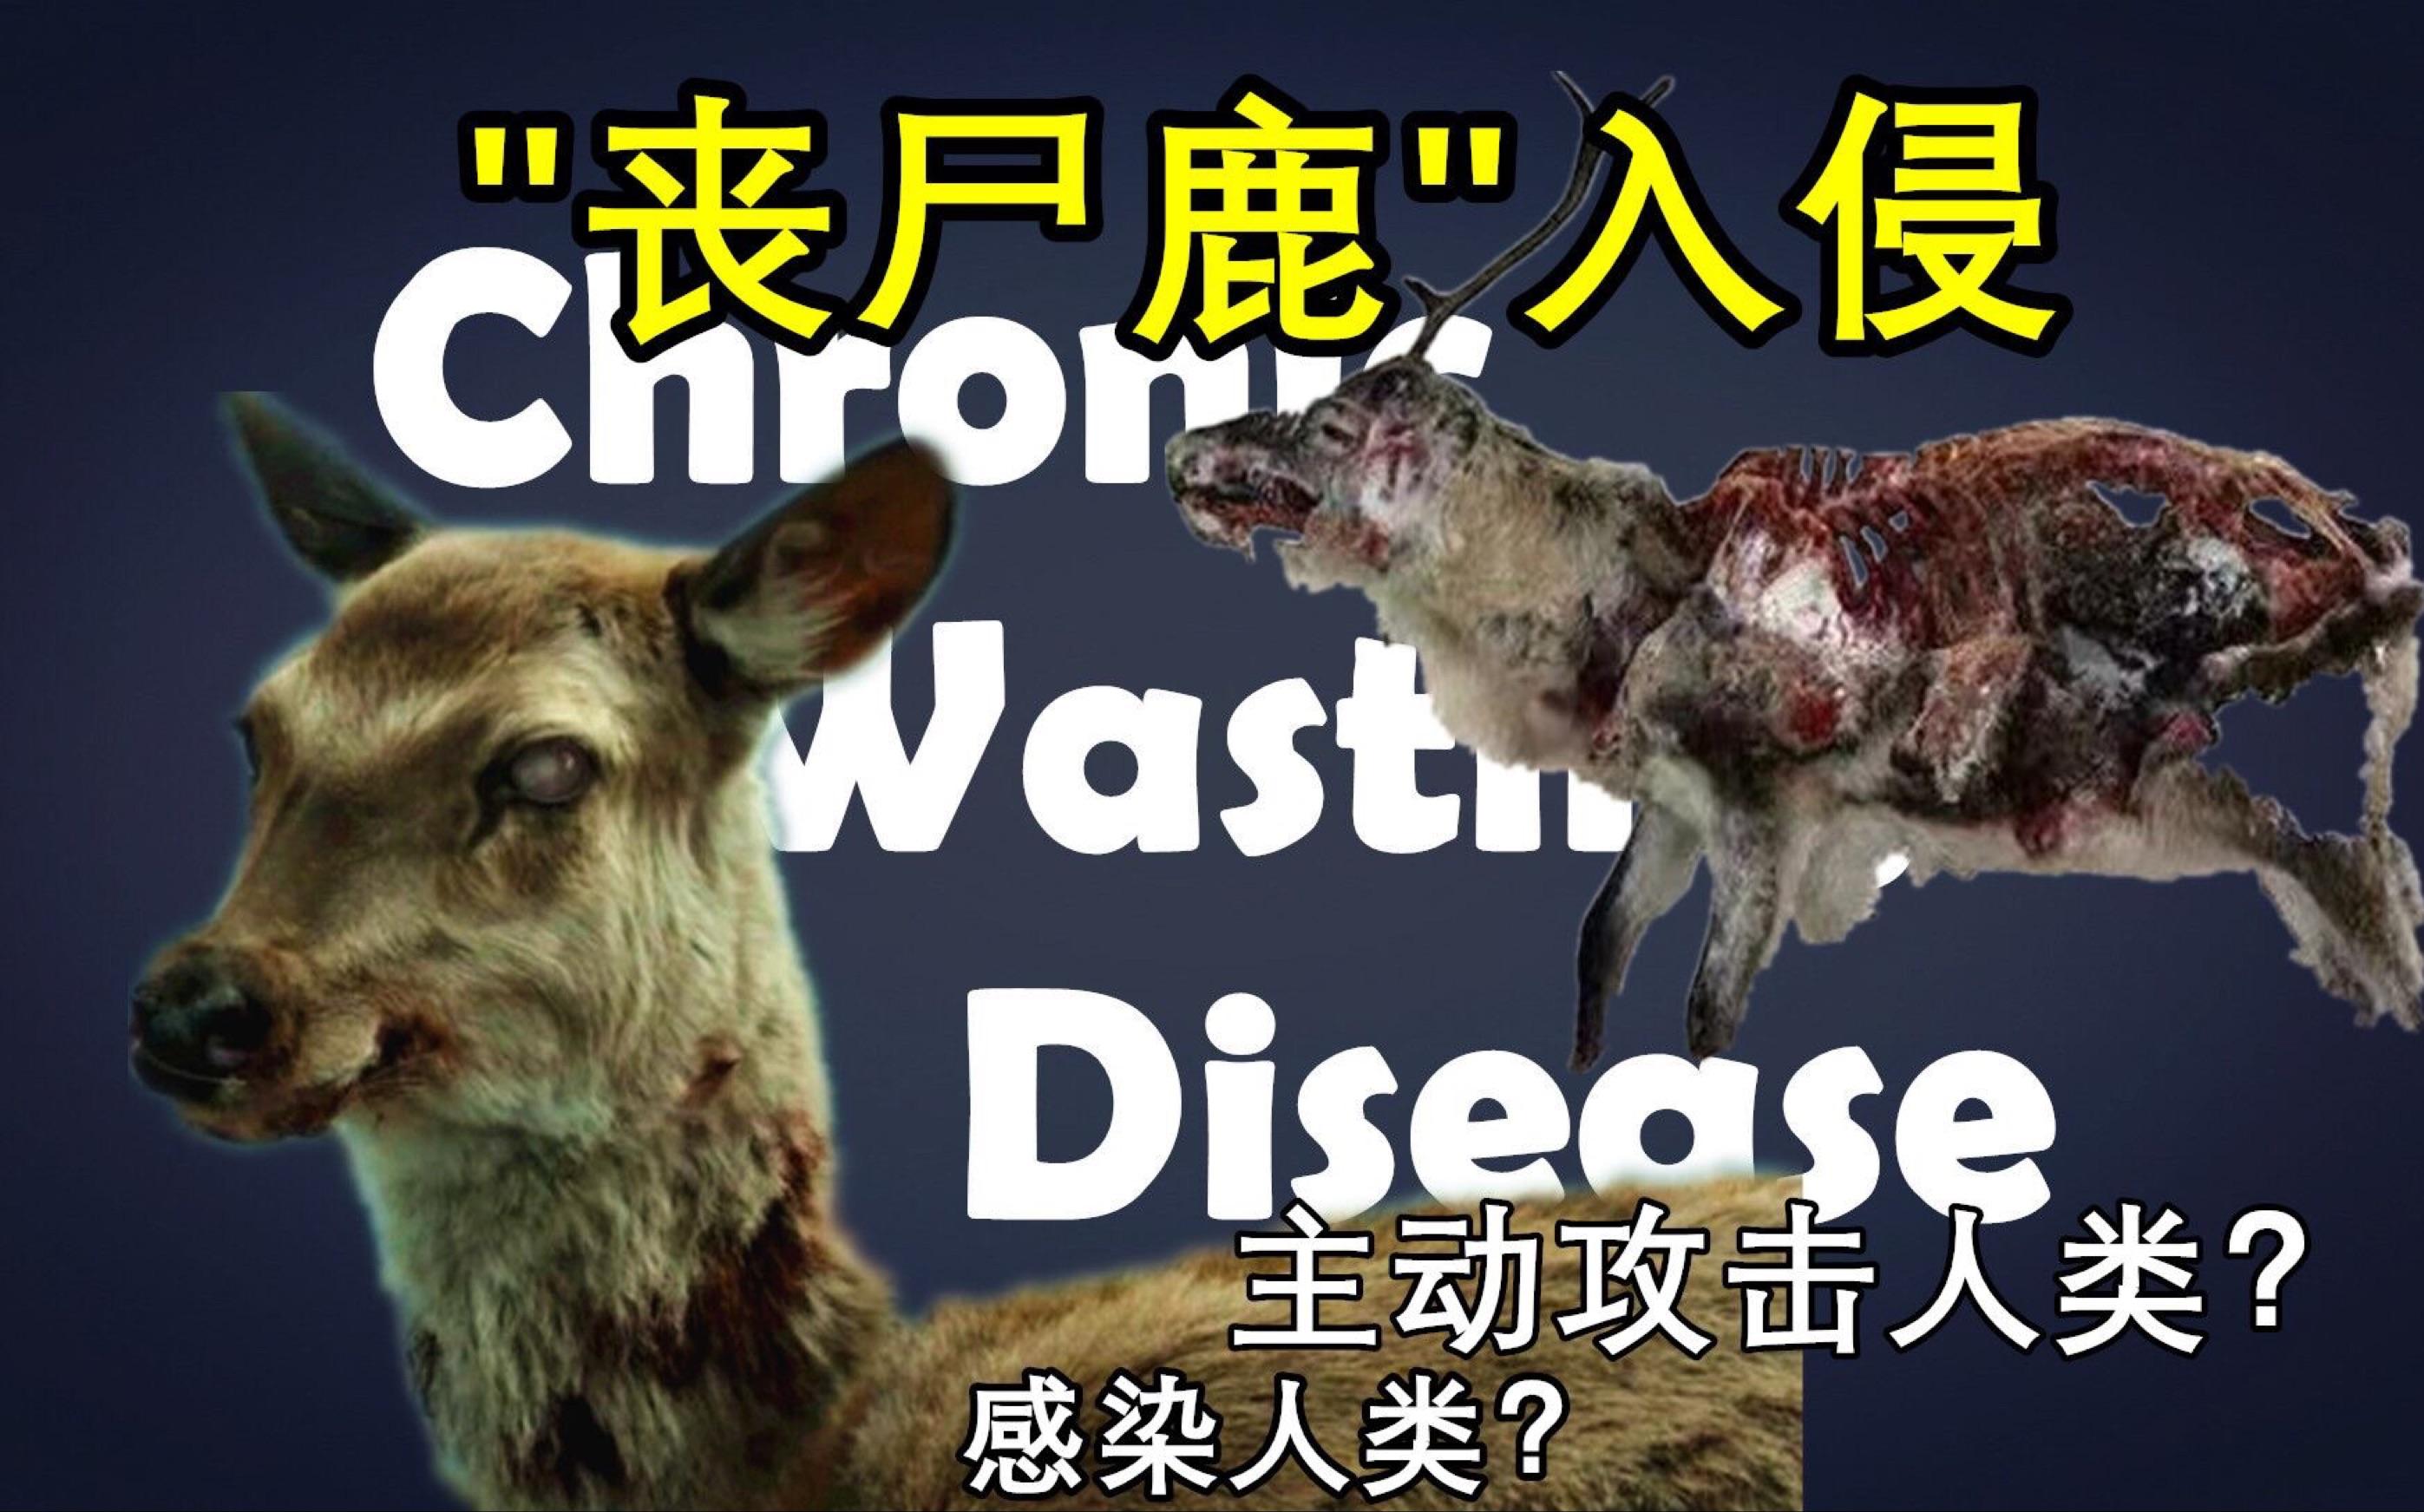 美国爆发丧尸鹿病毒?!疯鹿主动攻击感染人类?是现实版《釜山行》还是夸大的谣言?